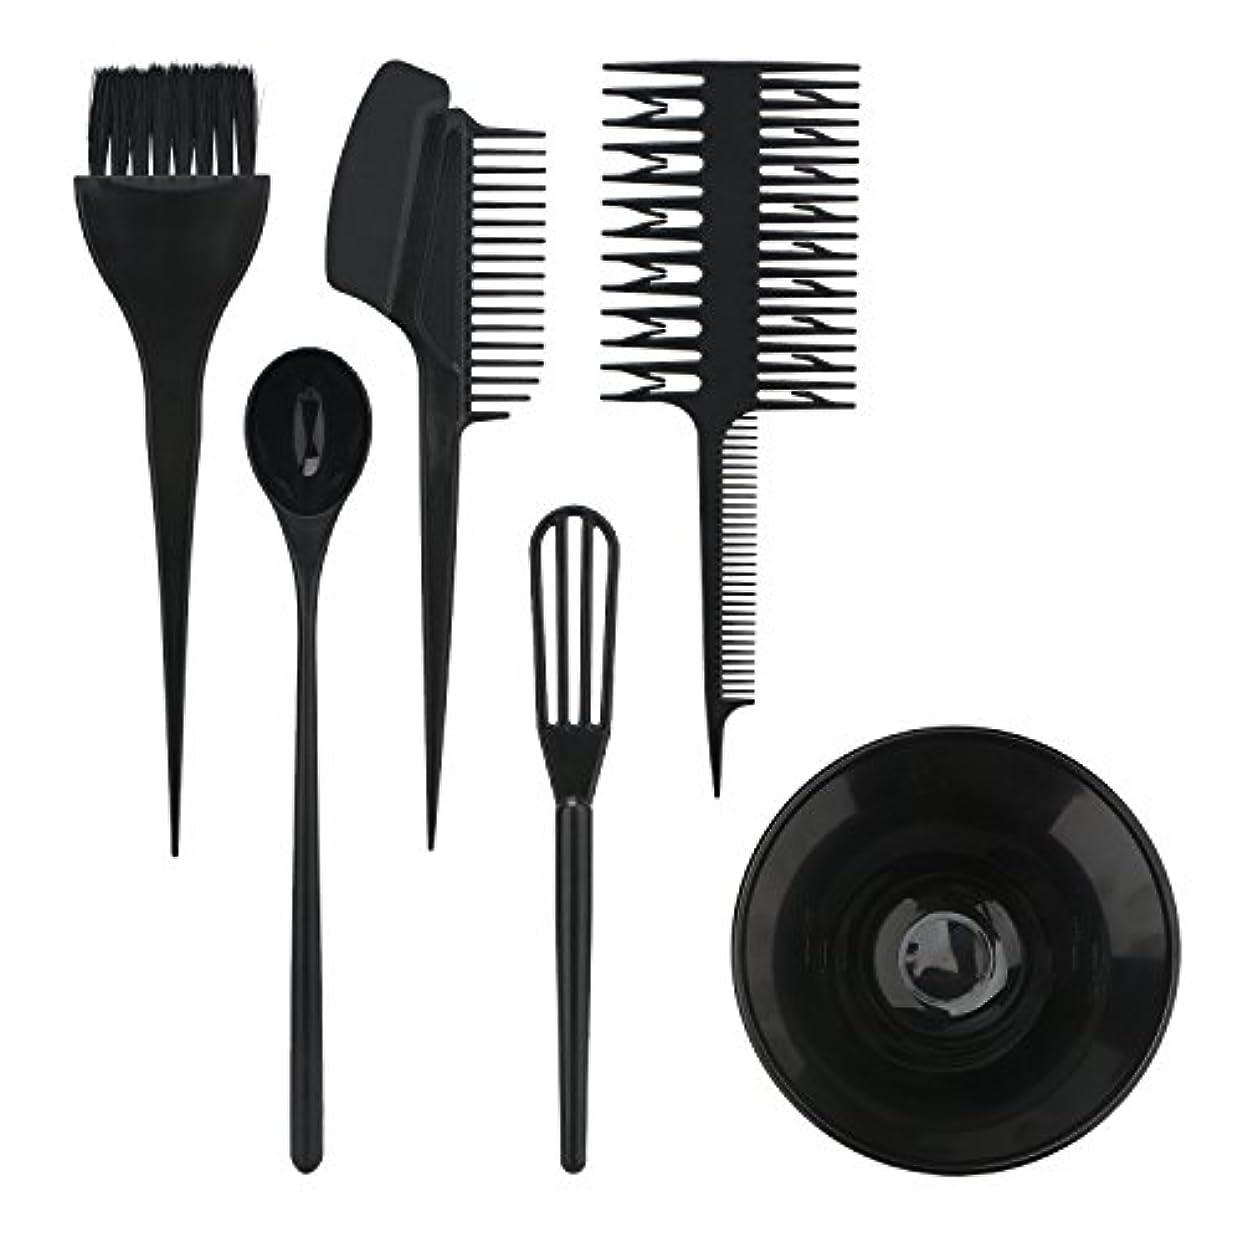 所有権ましいカラスSegbeauty ヘアカラー用のセット ブラシとボウルの組み合わせ 6pcs DIY髪染め用 サロン 美髪師用 ヘアカラーの用具